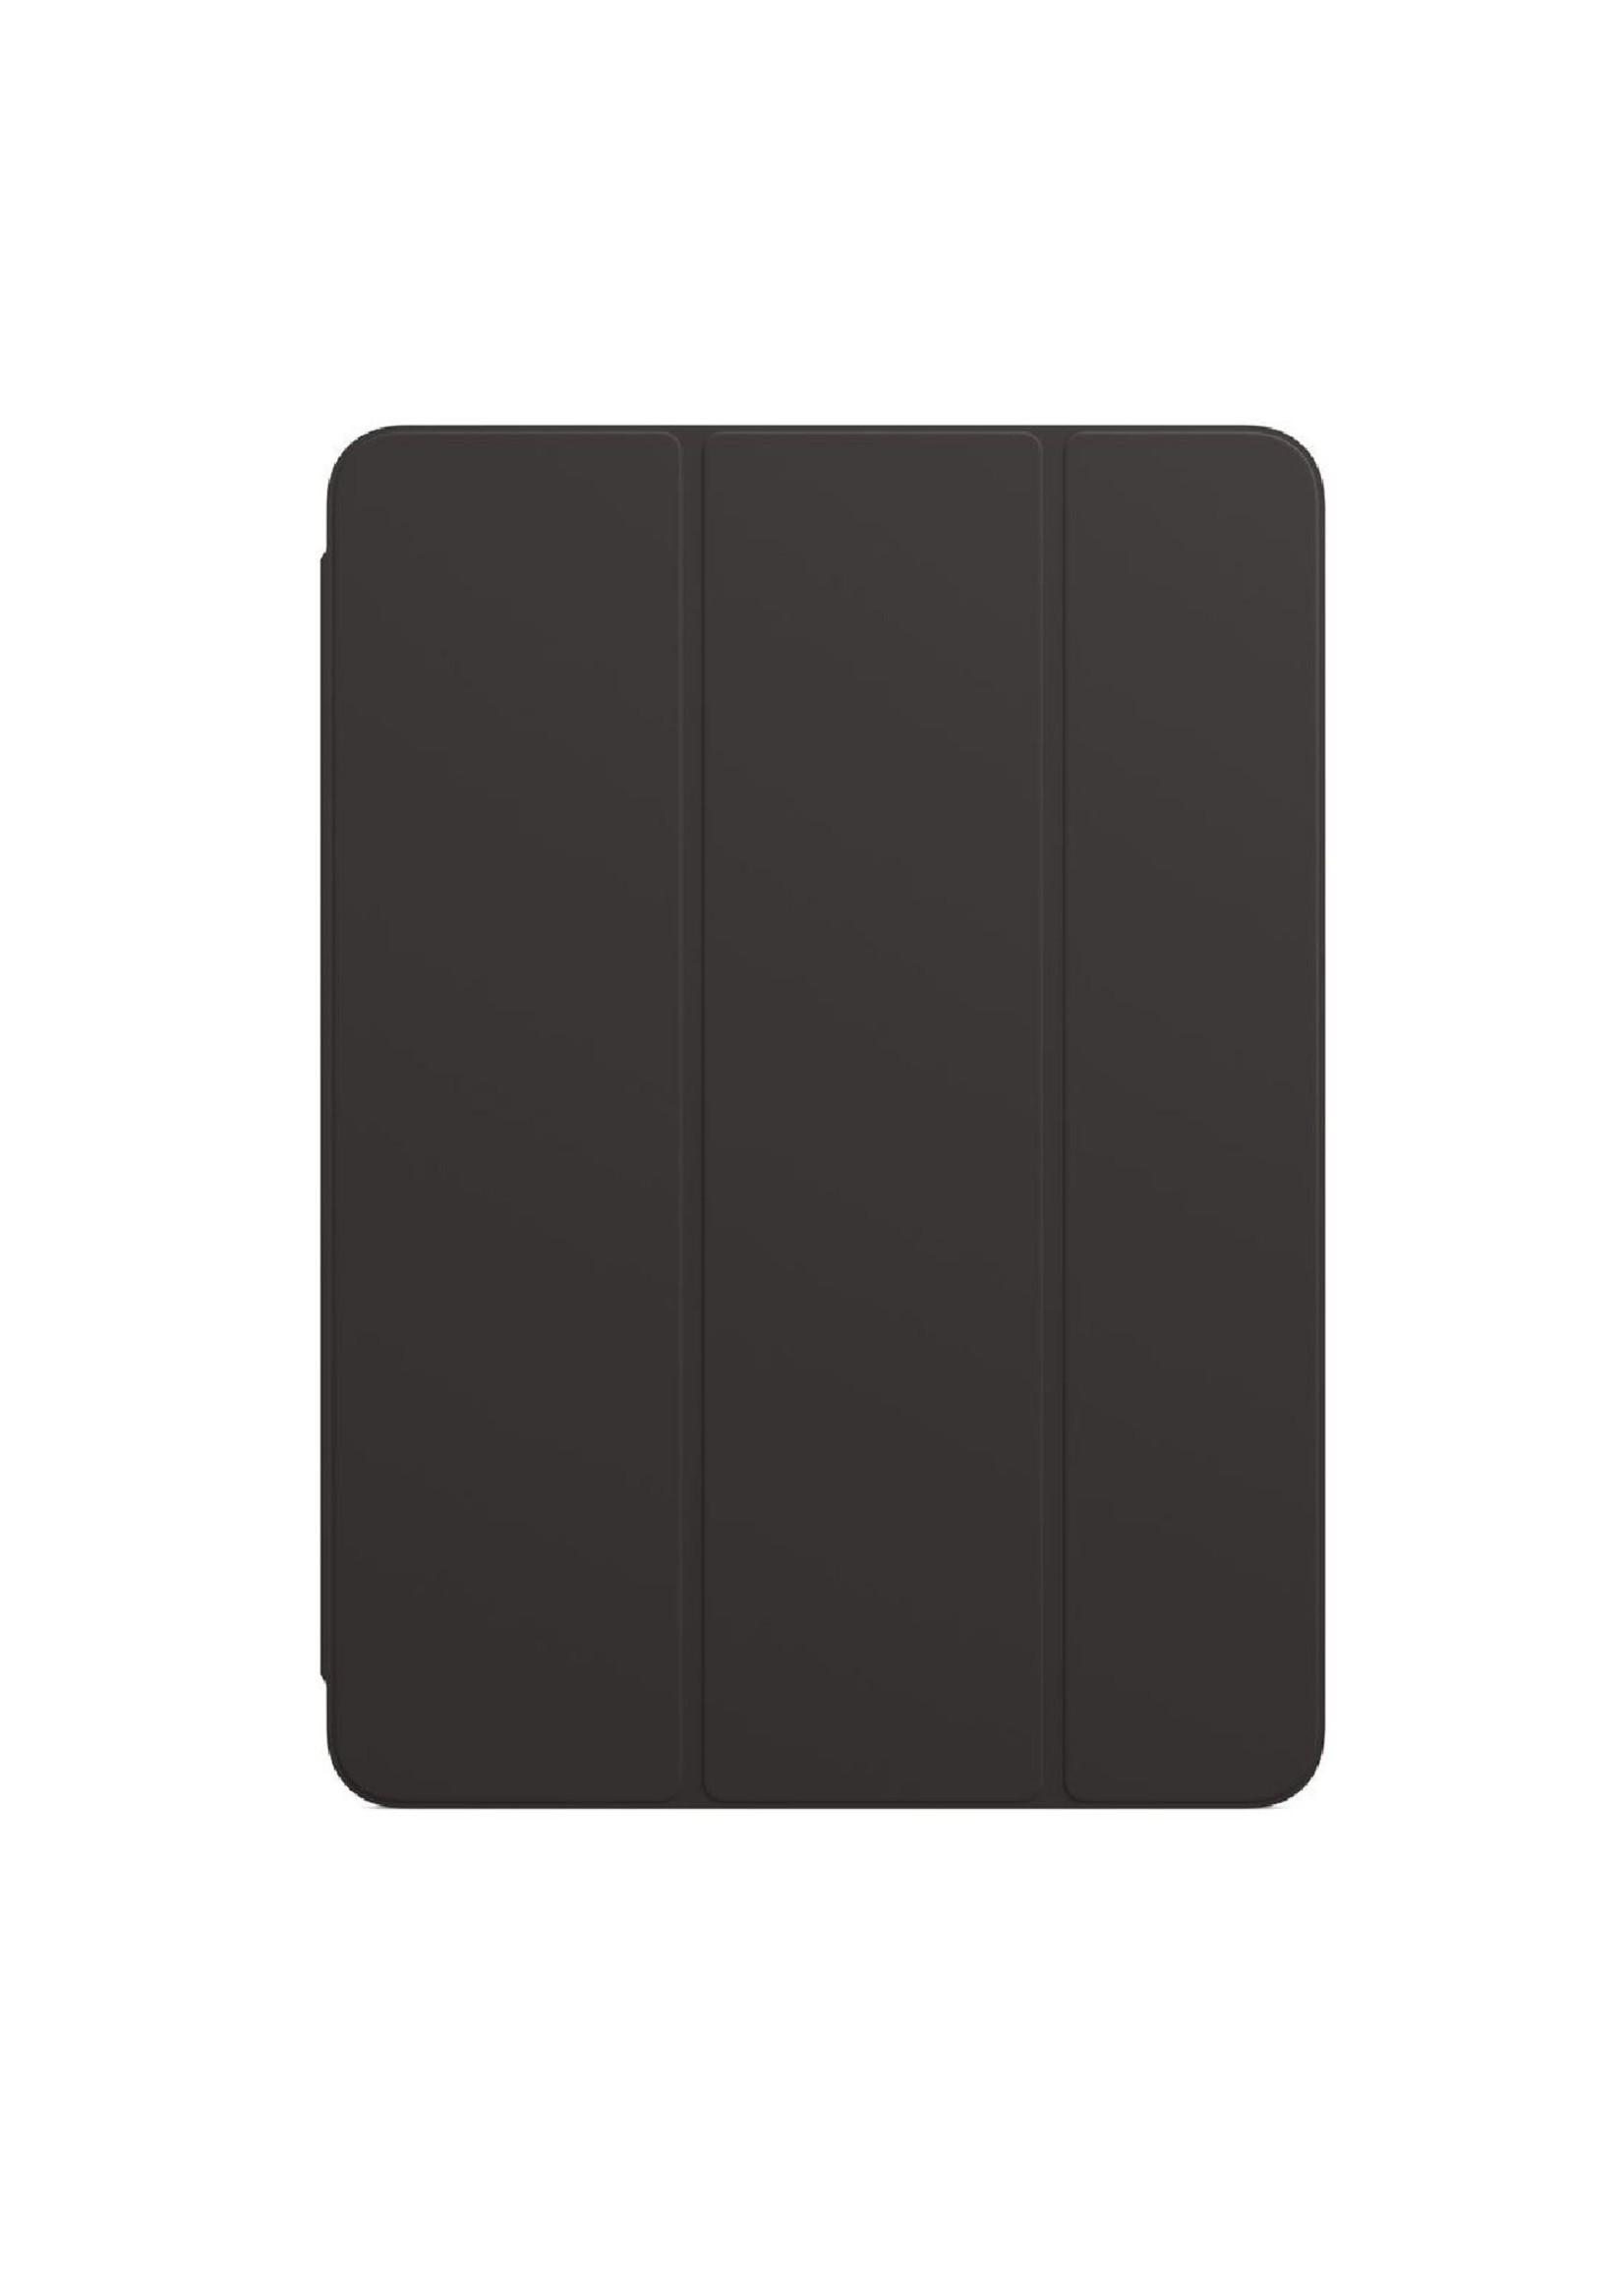 Apple iPad Air Smart Folio